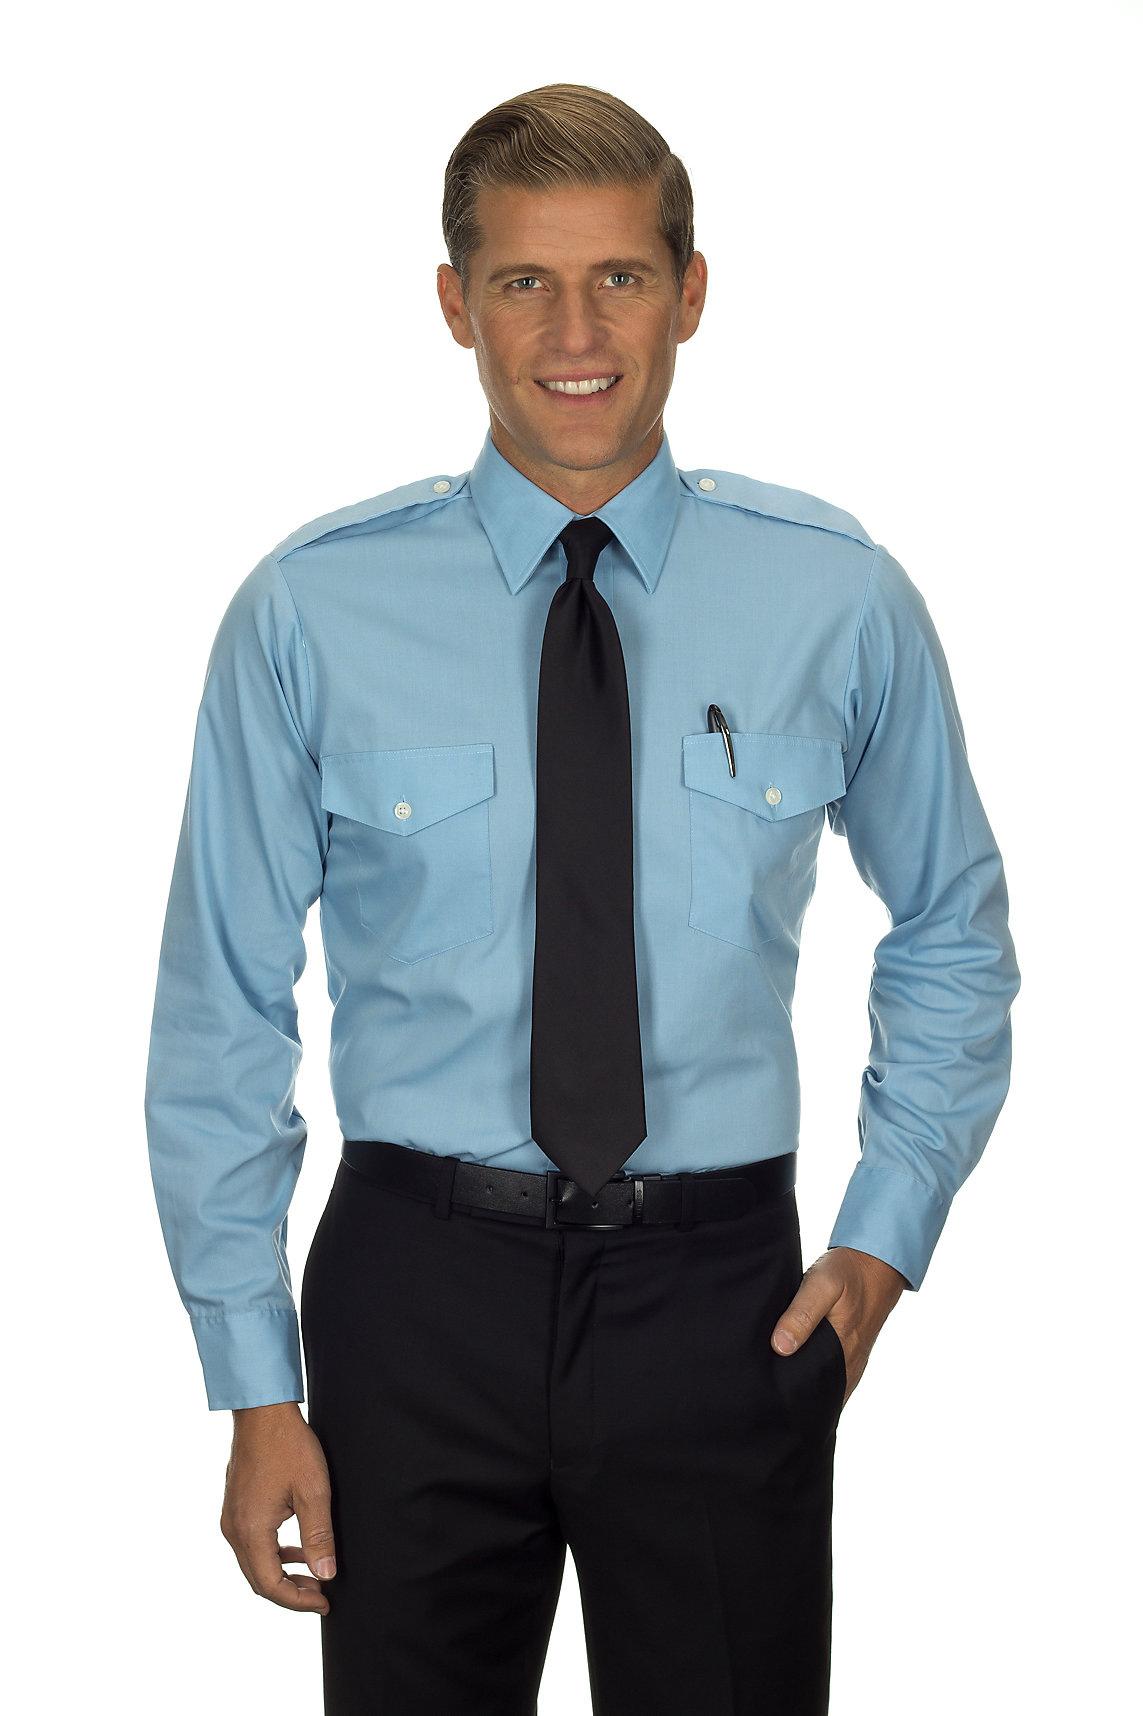 bbbe7a66f0a Van Heusen Aviator Shirt - Men s Long Sleeve - BLUE - MyPilotStore.com